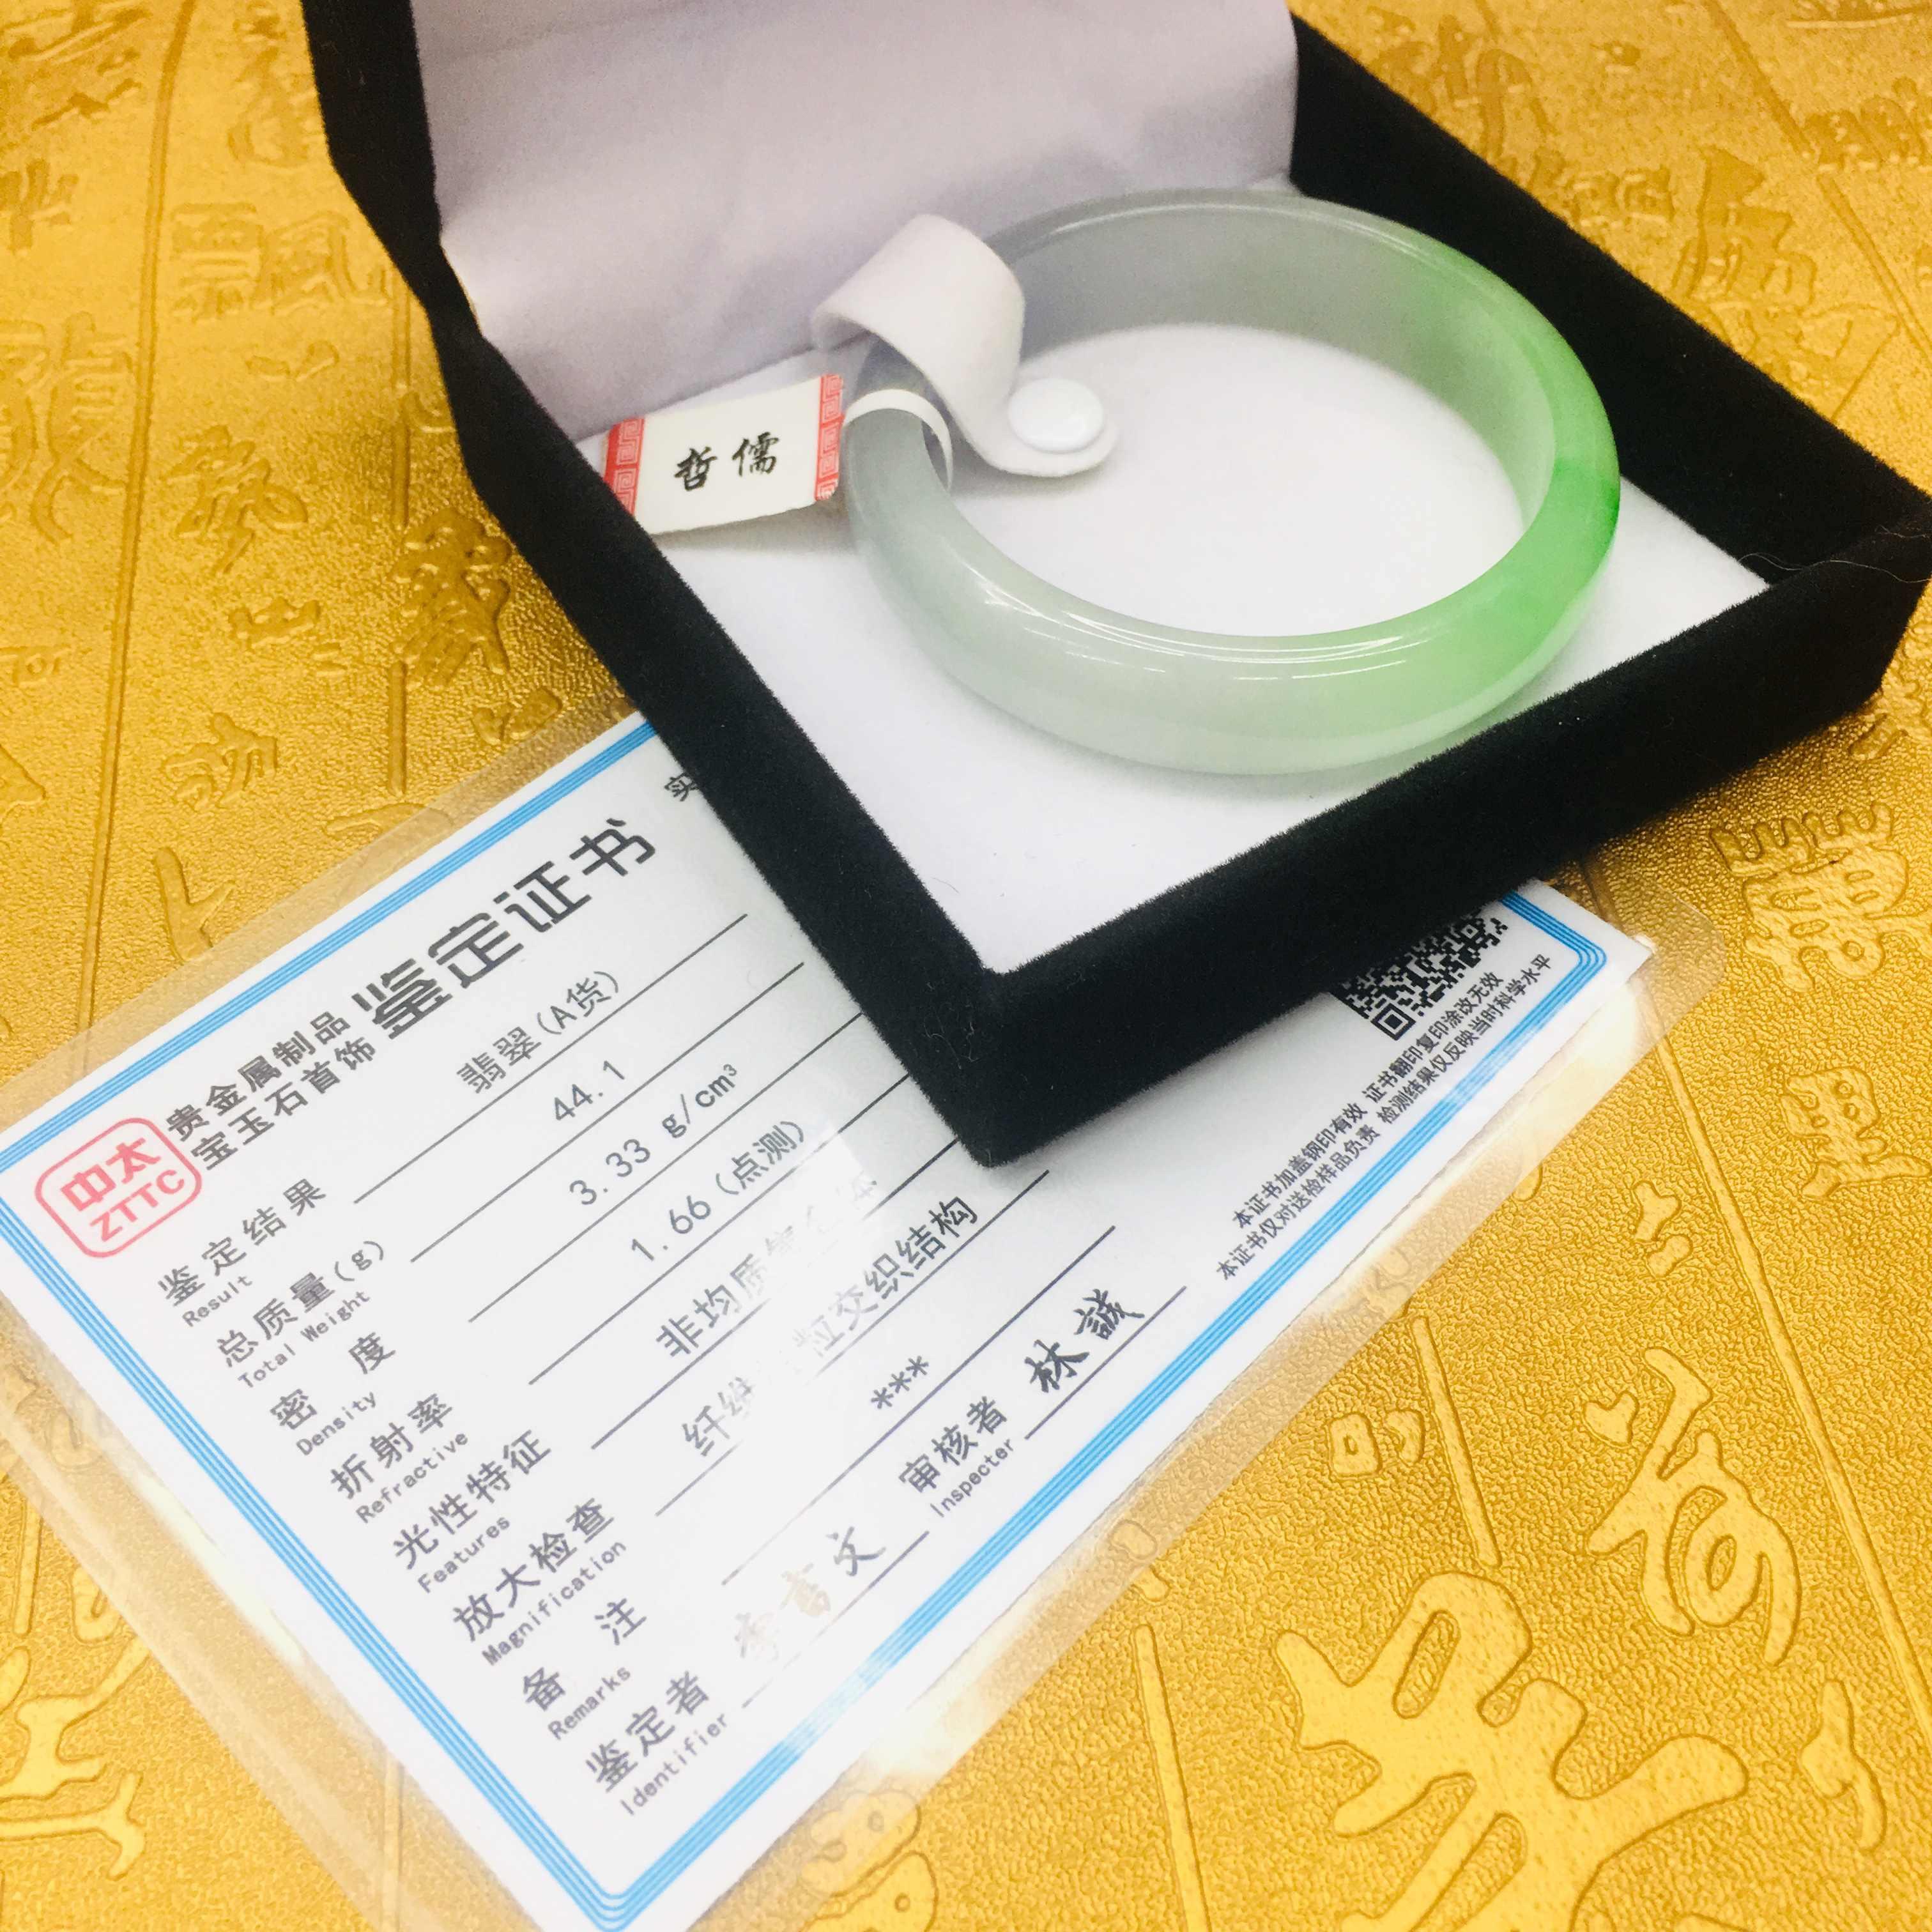 ส่งใบรับรองธรรมชาติ Jadeite สร้อยข้อมือแกะสลักแสงสีม่วงสีเขียว 2 สี 54-61 มม.สร้อยข้อมือเครื่องประดับของขวัญ